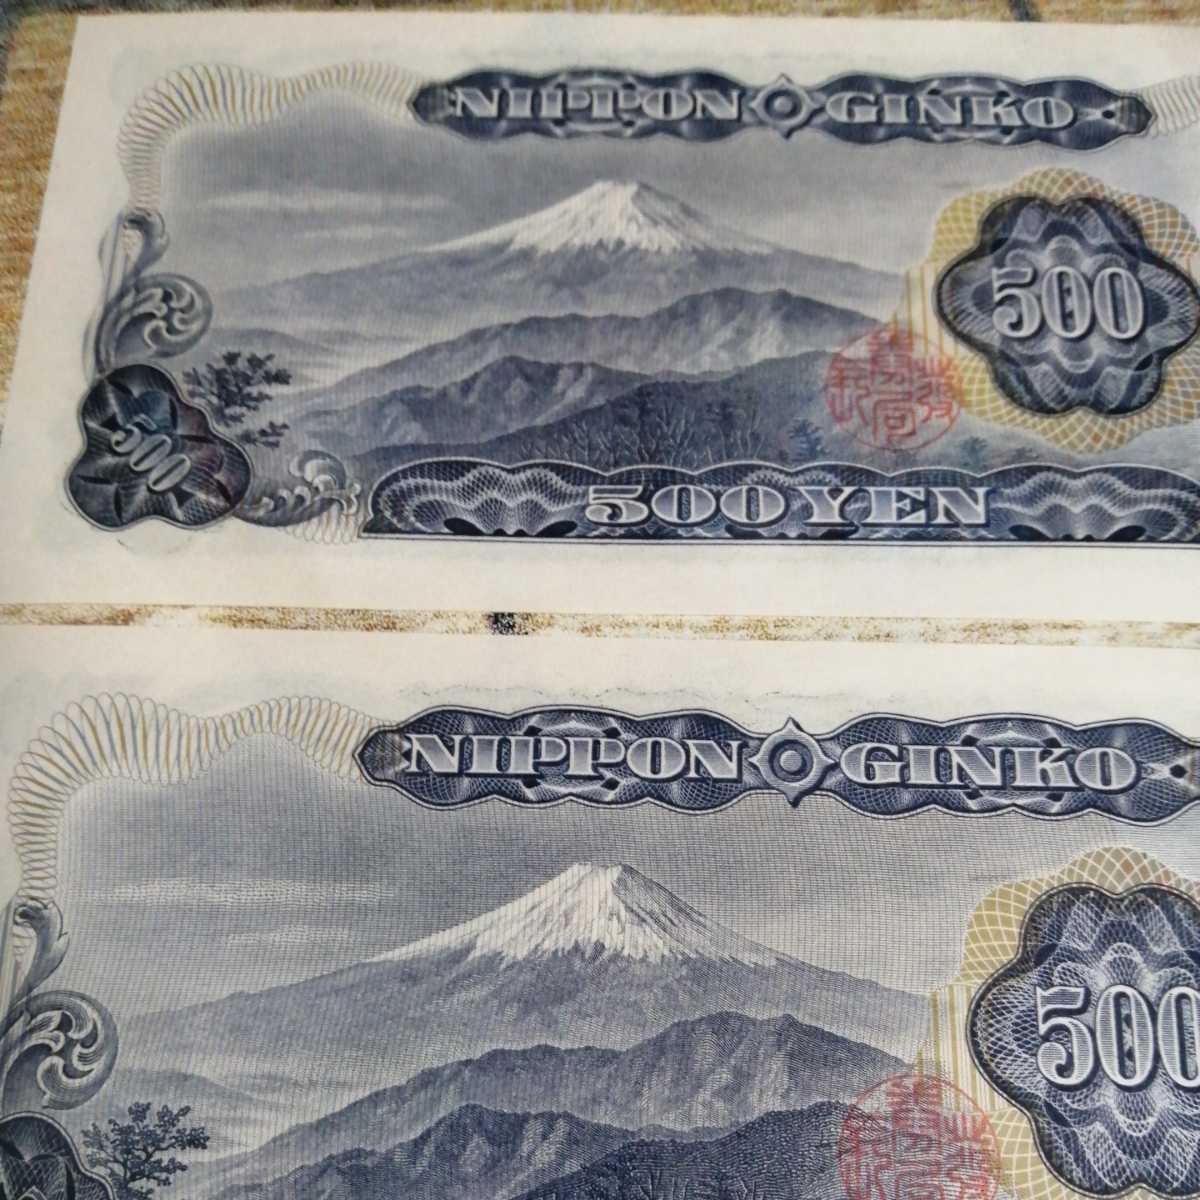 岩倉具視 500円札 五百円札 旧紙幣 日本銀行券 連番 未使用_画像6